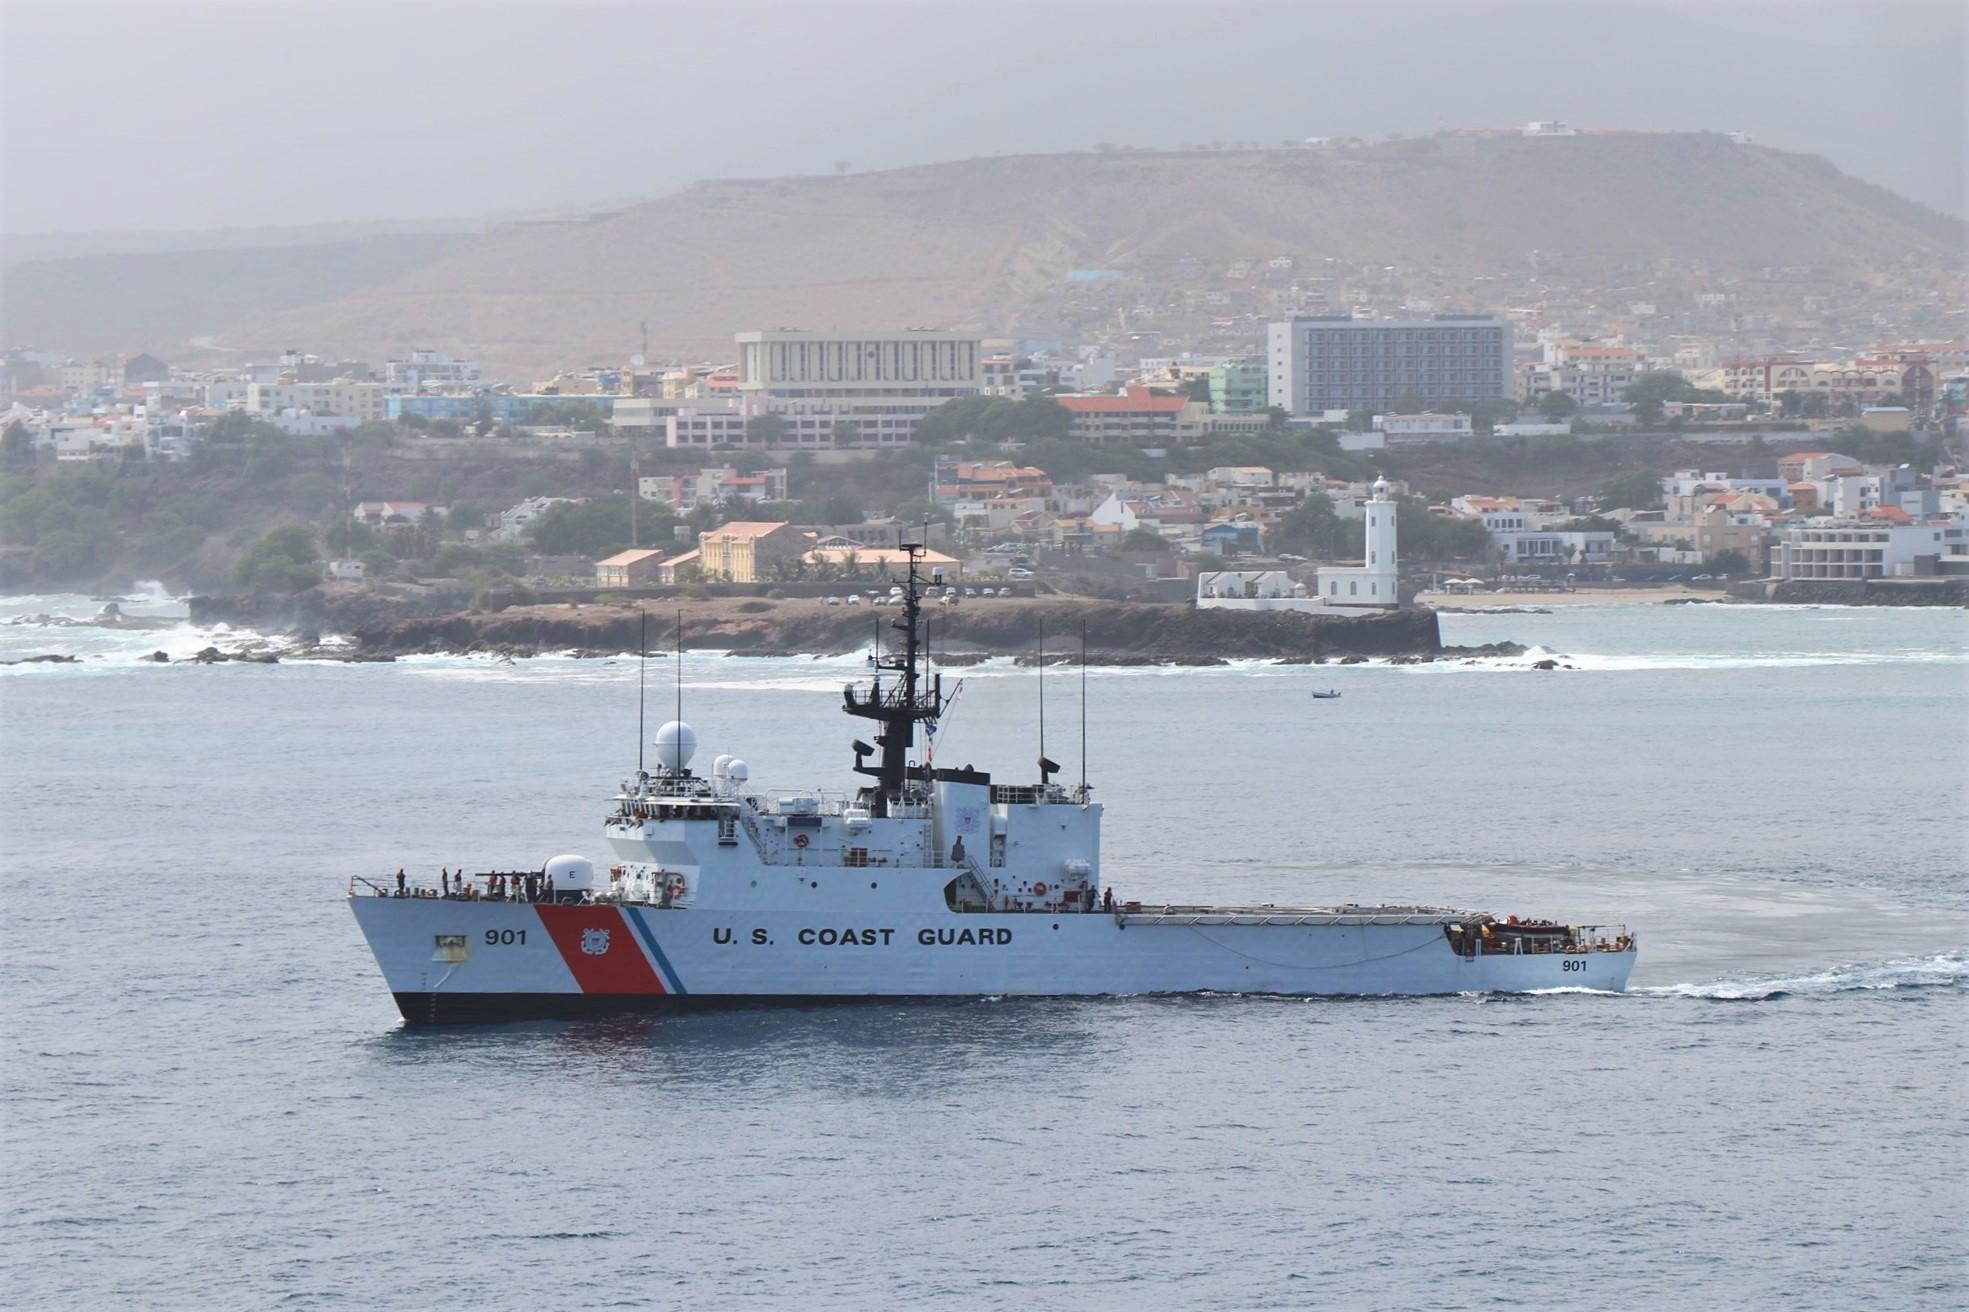 O navio patrulha oceânico USCGC BEAR em manobras frente ao Farol da Ponta Temerosa, na cidade da Praia, em agosto de 2020 (imagem USCG)